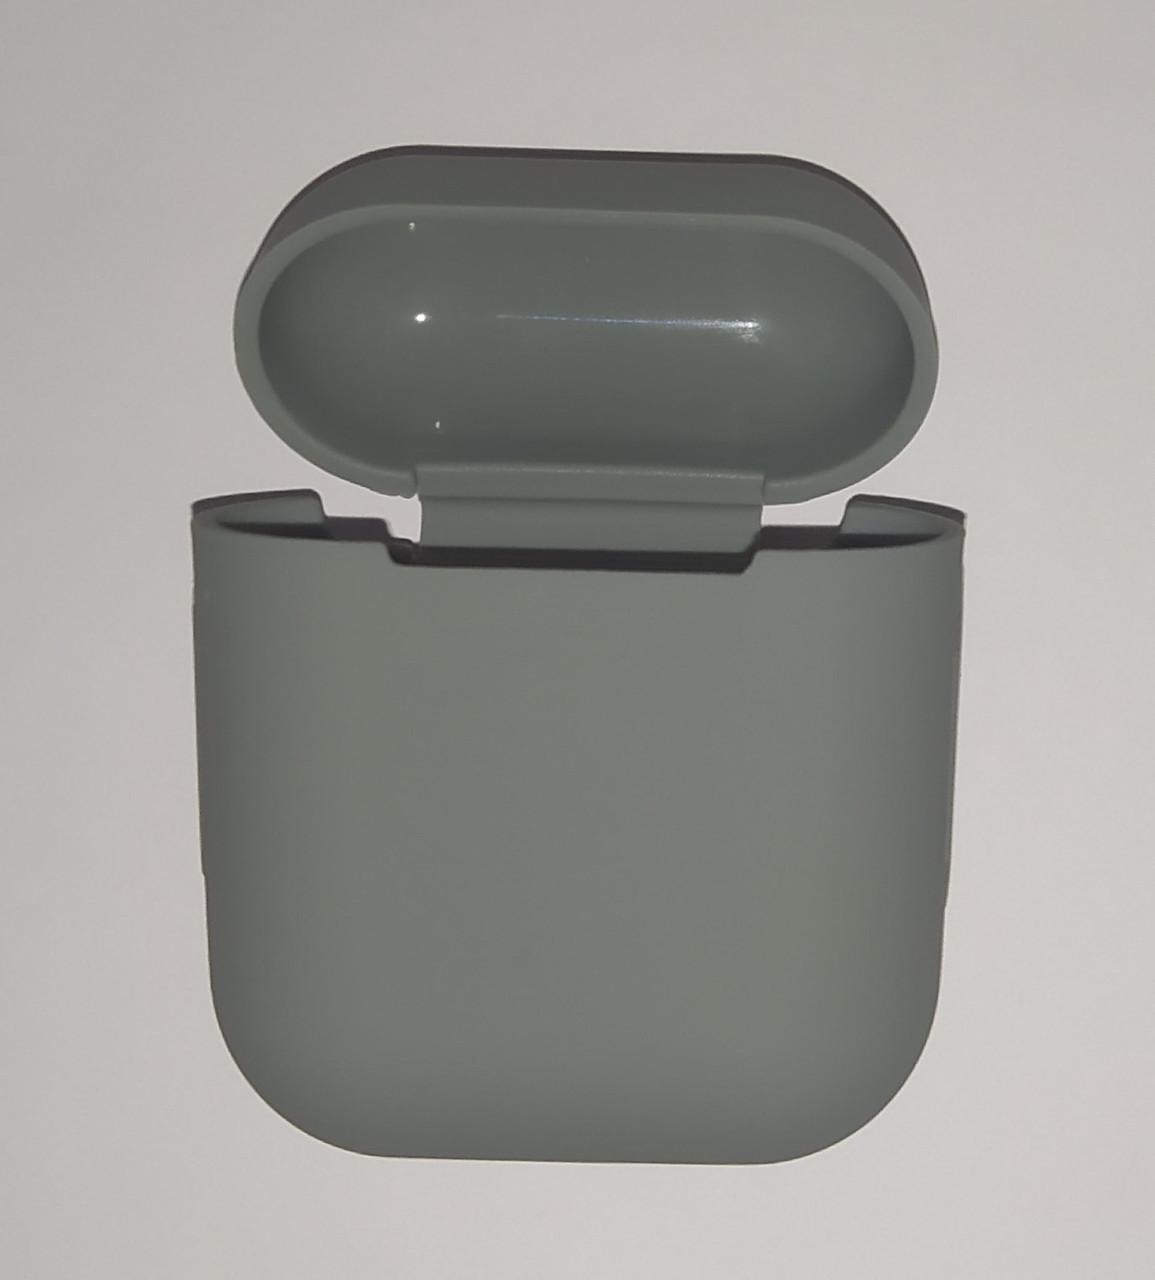 Чохол на AirPods світло-сірий, силіконовий